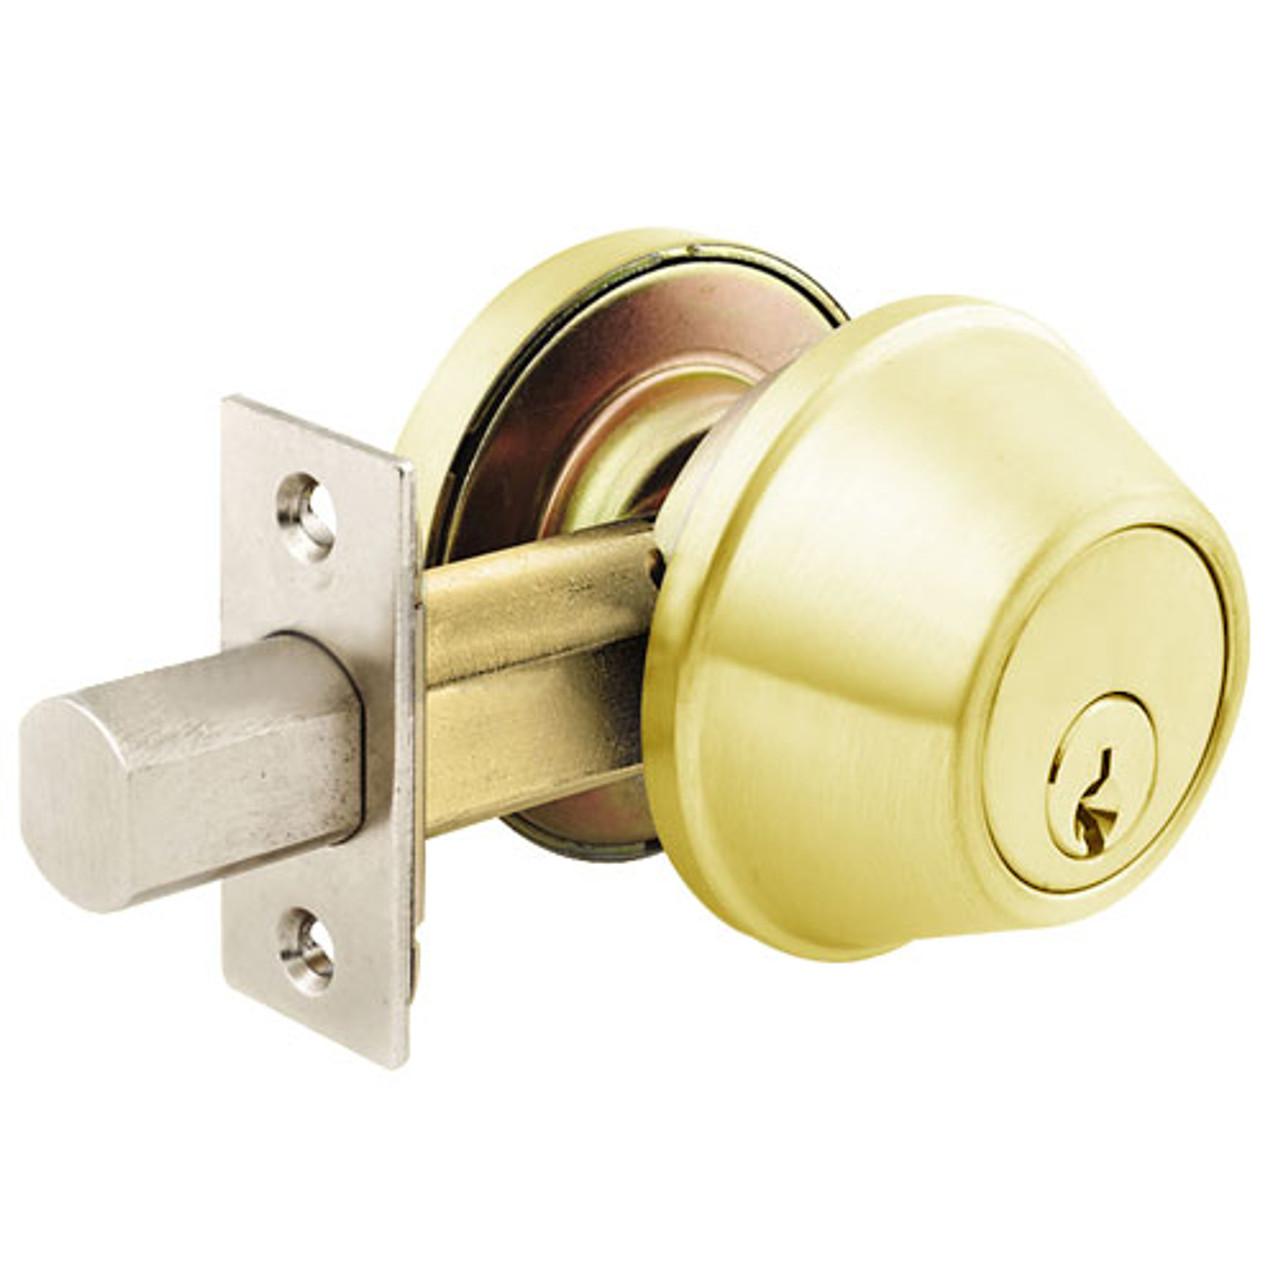 hight resolution of d61 03 arrow lock d series deadbolt in bright brass finish